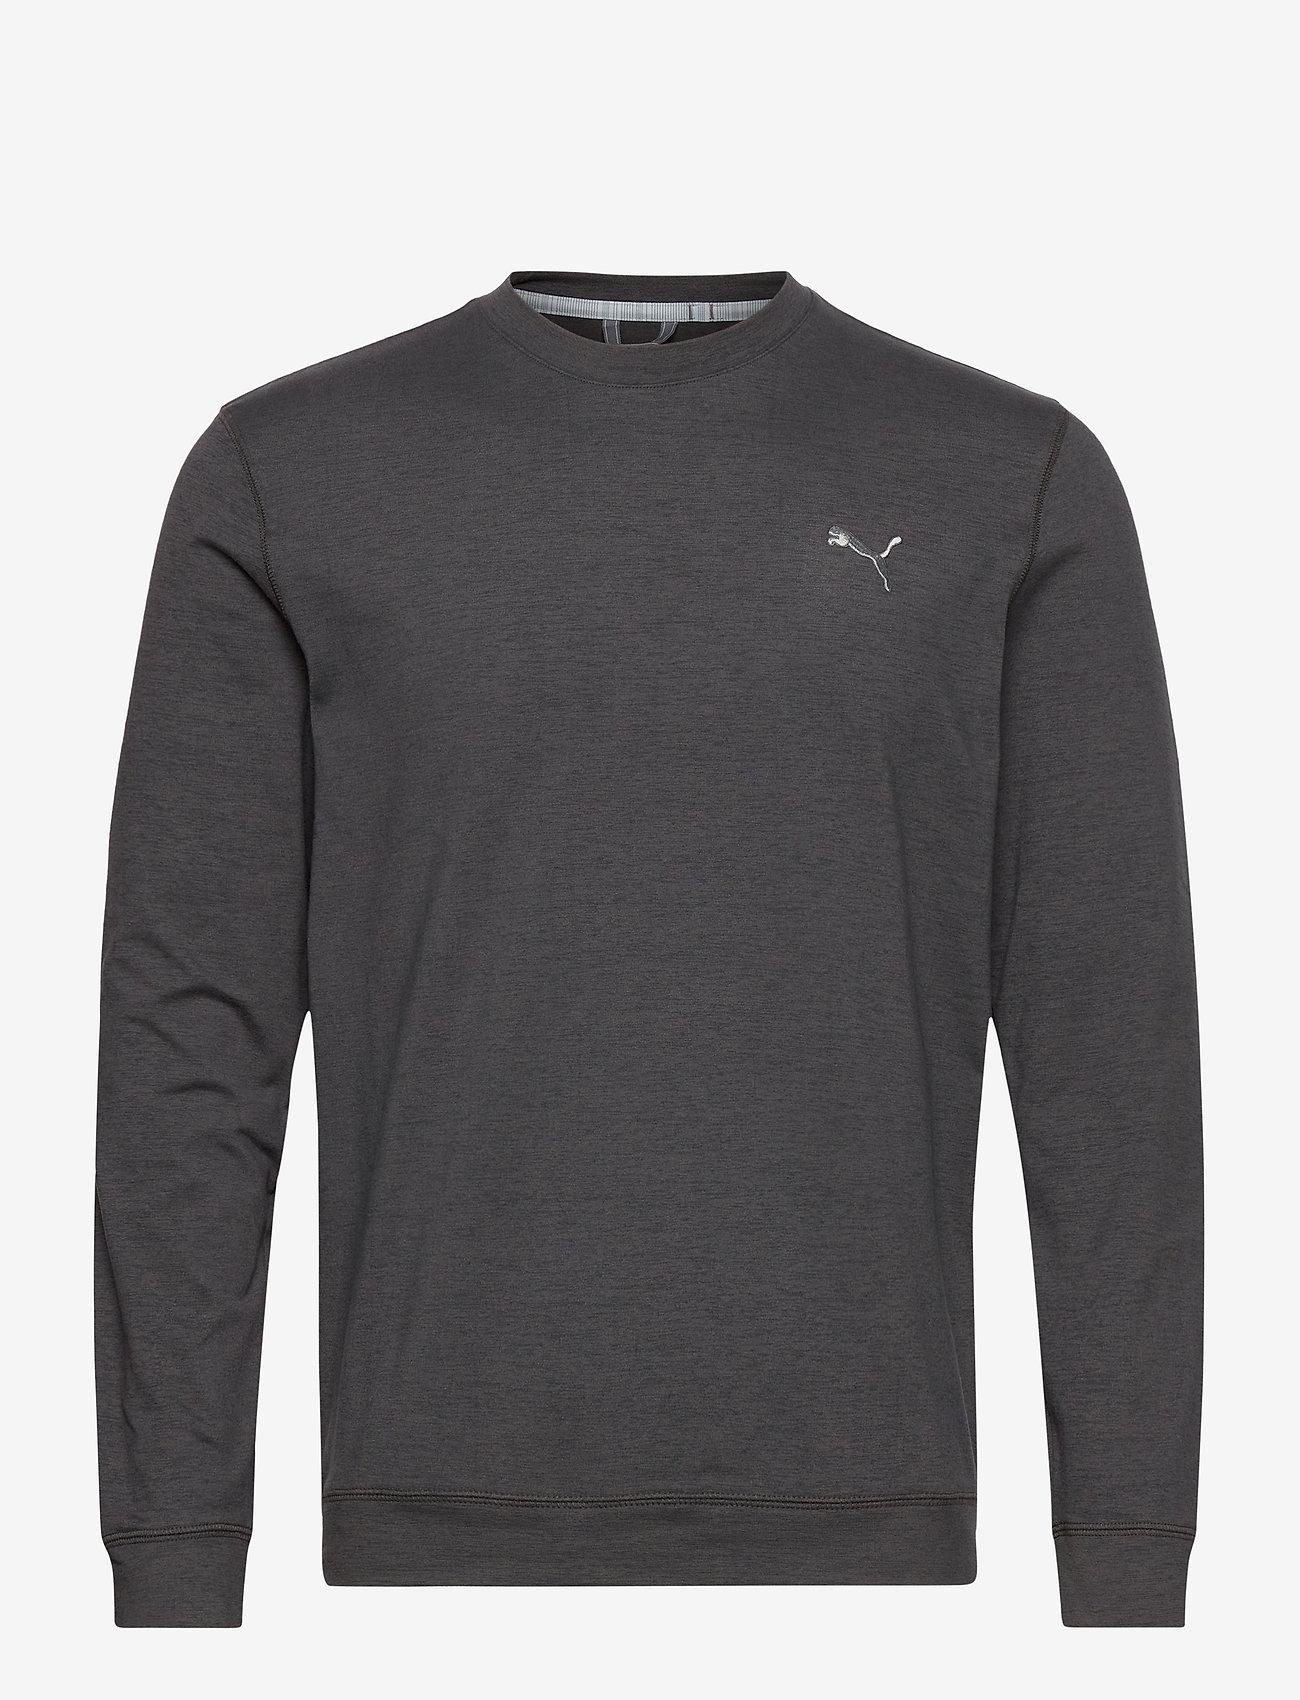 PUMA Golf - Cloudspun Crewneck - Överdelar - puma black heather - 0